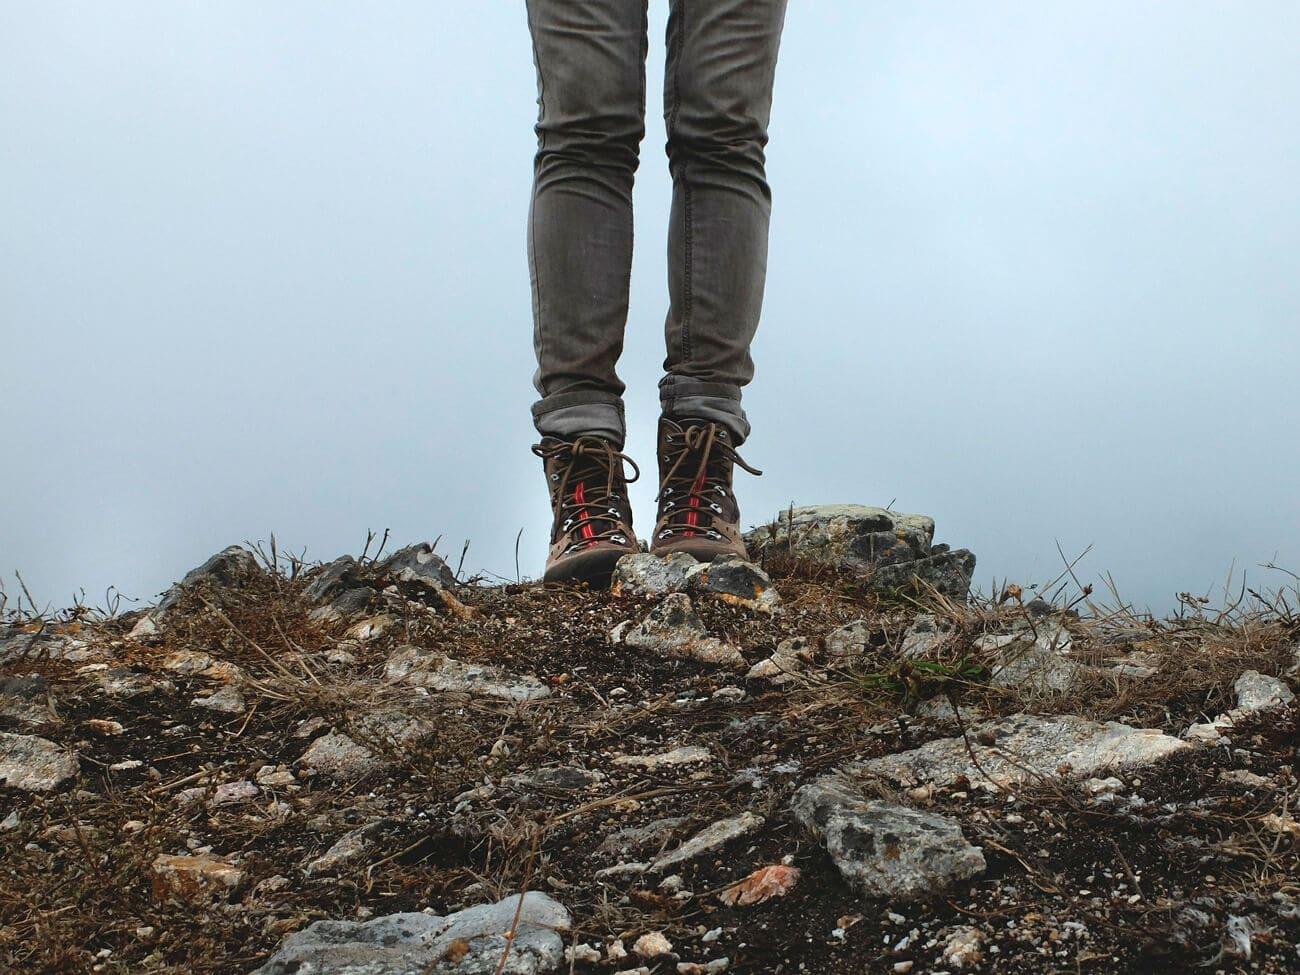 Lo ideal para llevar a la montaña de 7 colores son zapatillas especiales